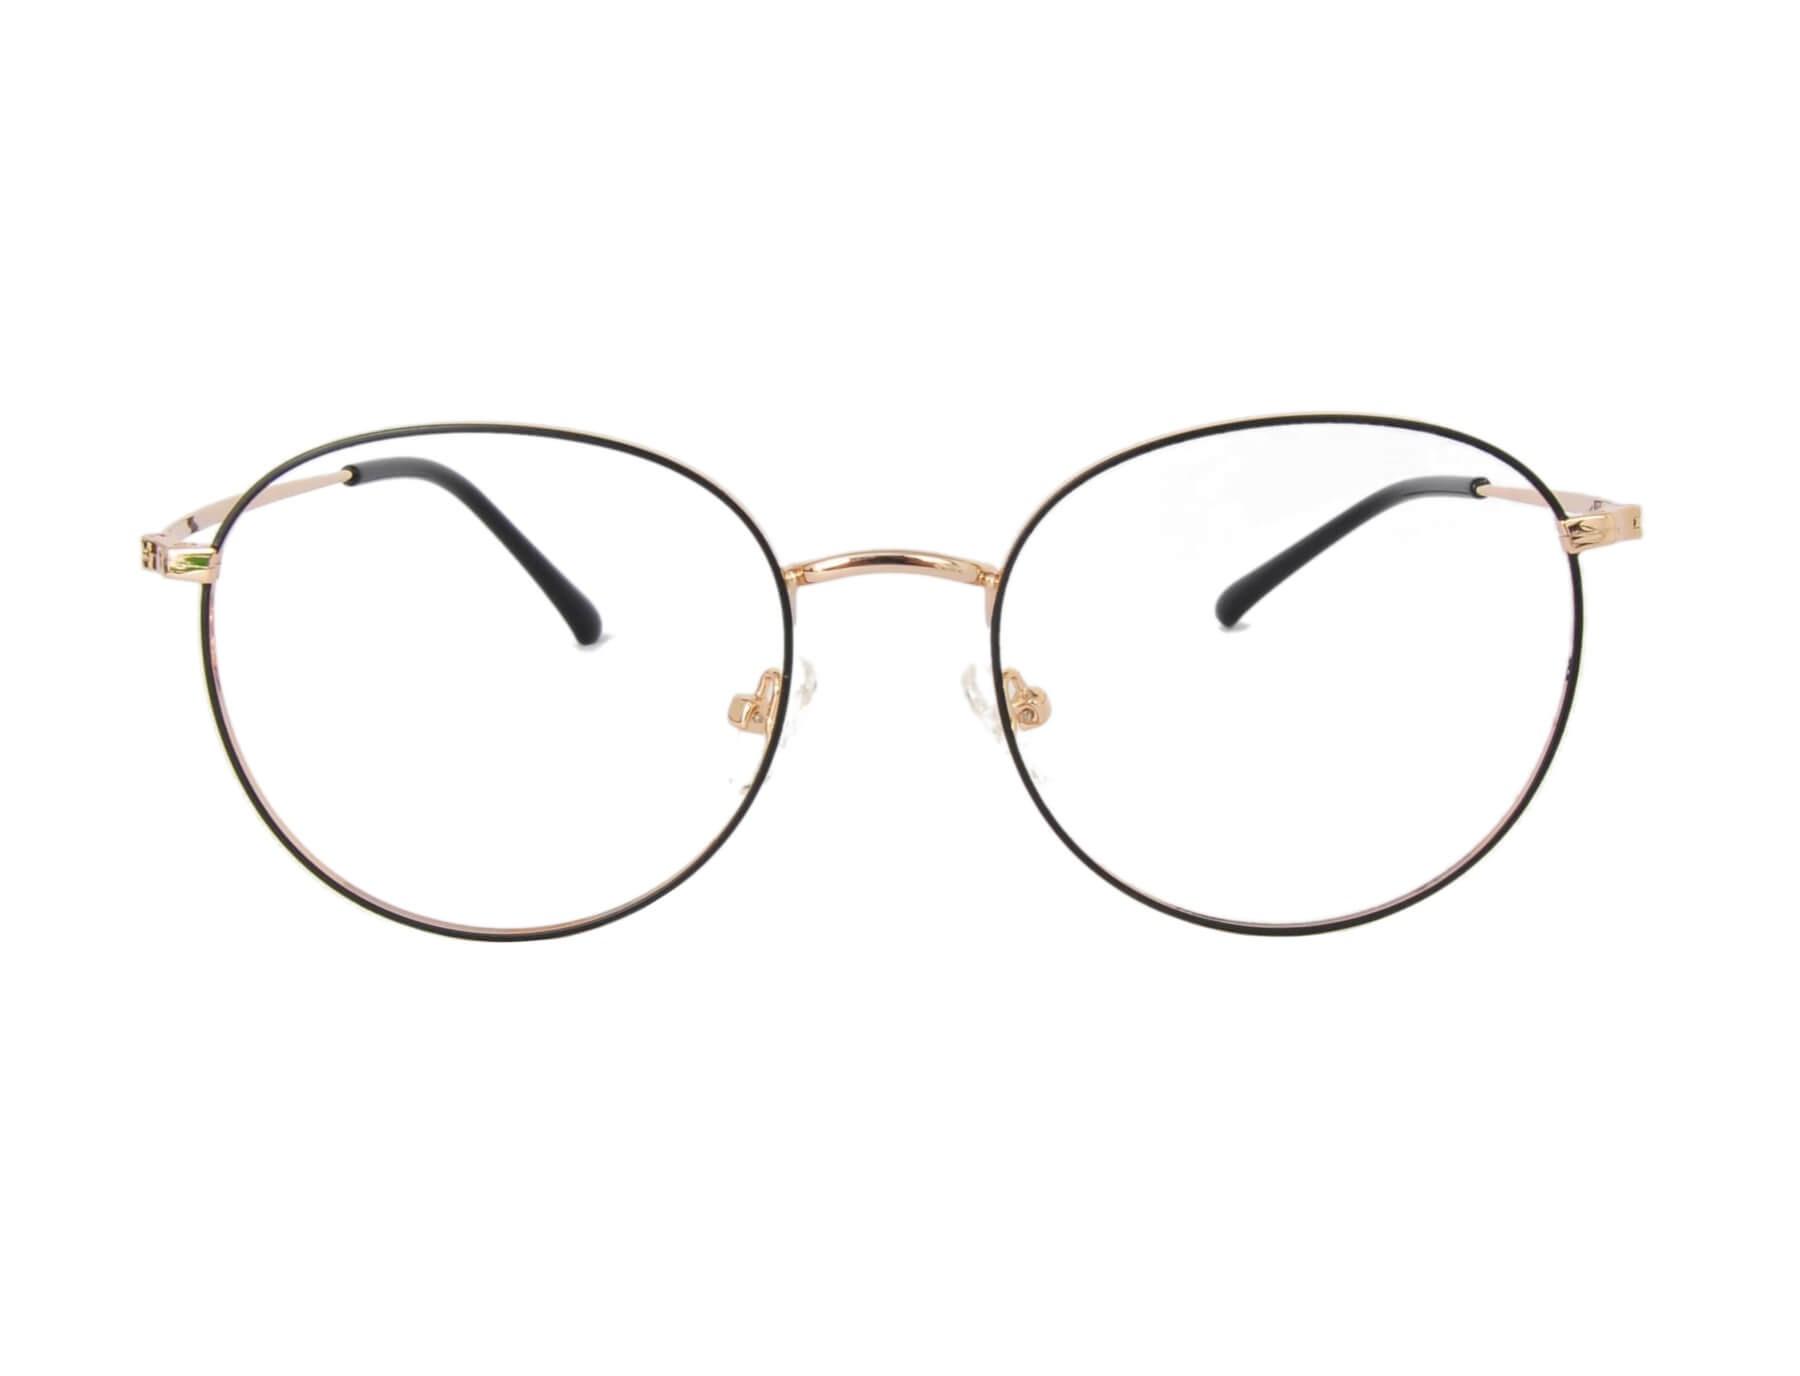 Oculos de grau redondo feminino